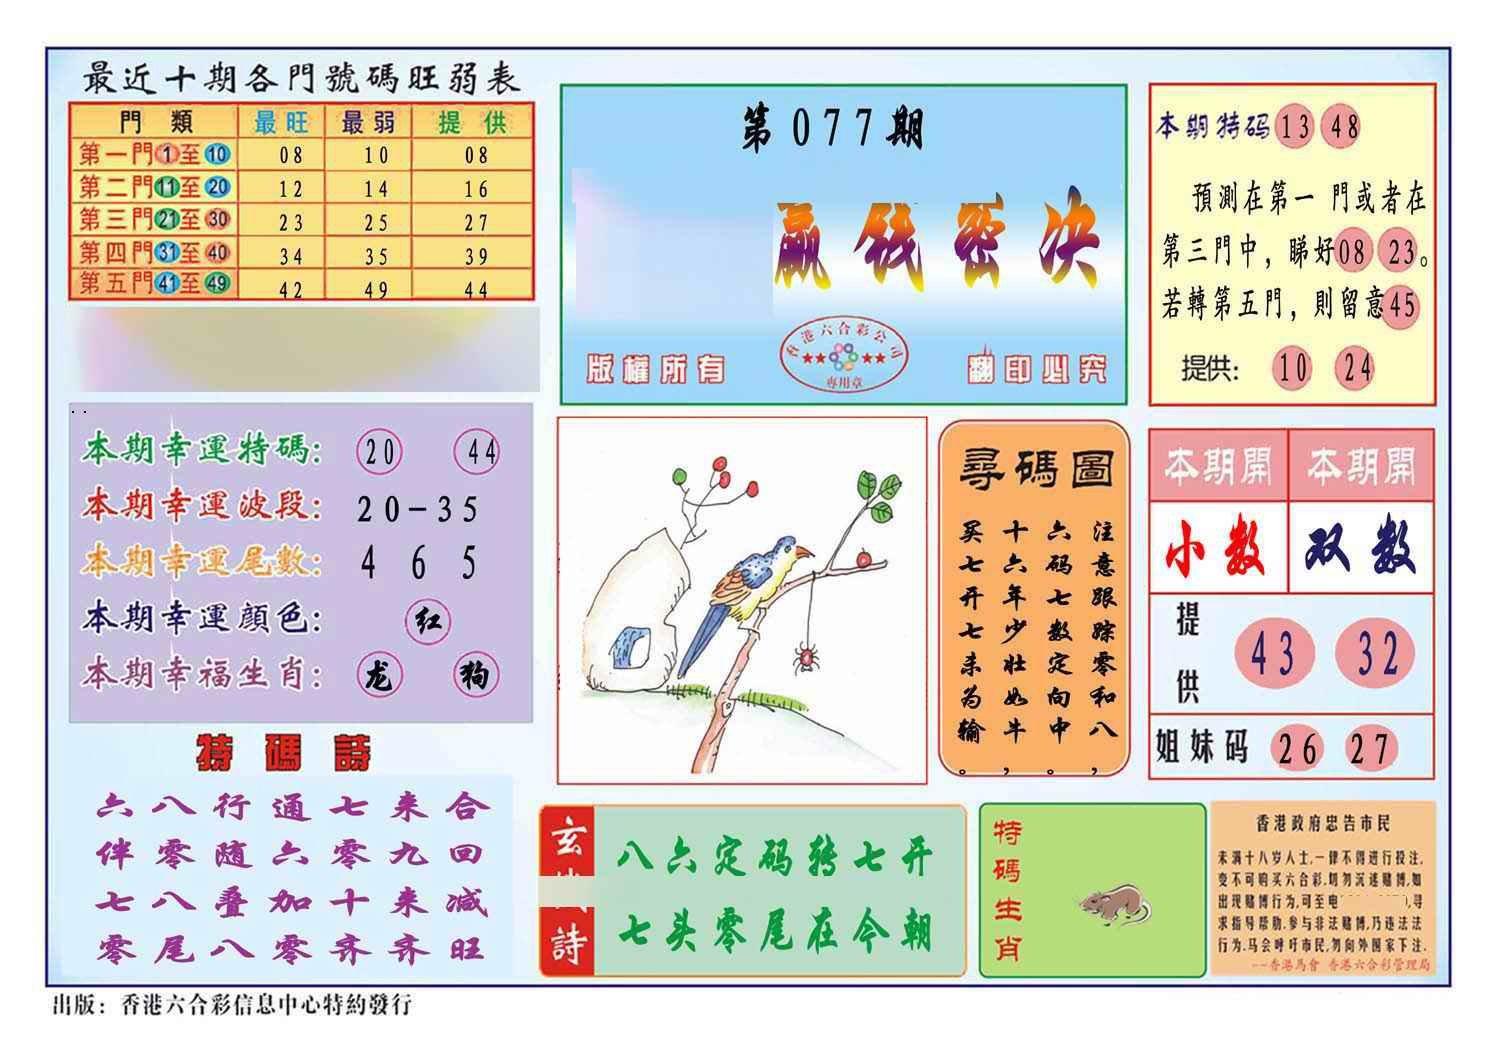 077期马经赢钱密决(新图)